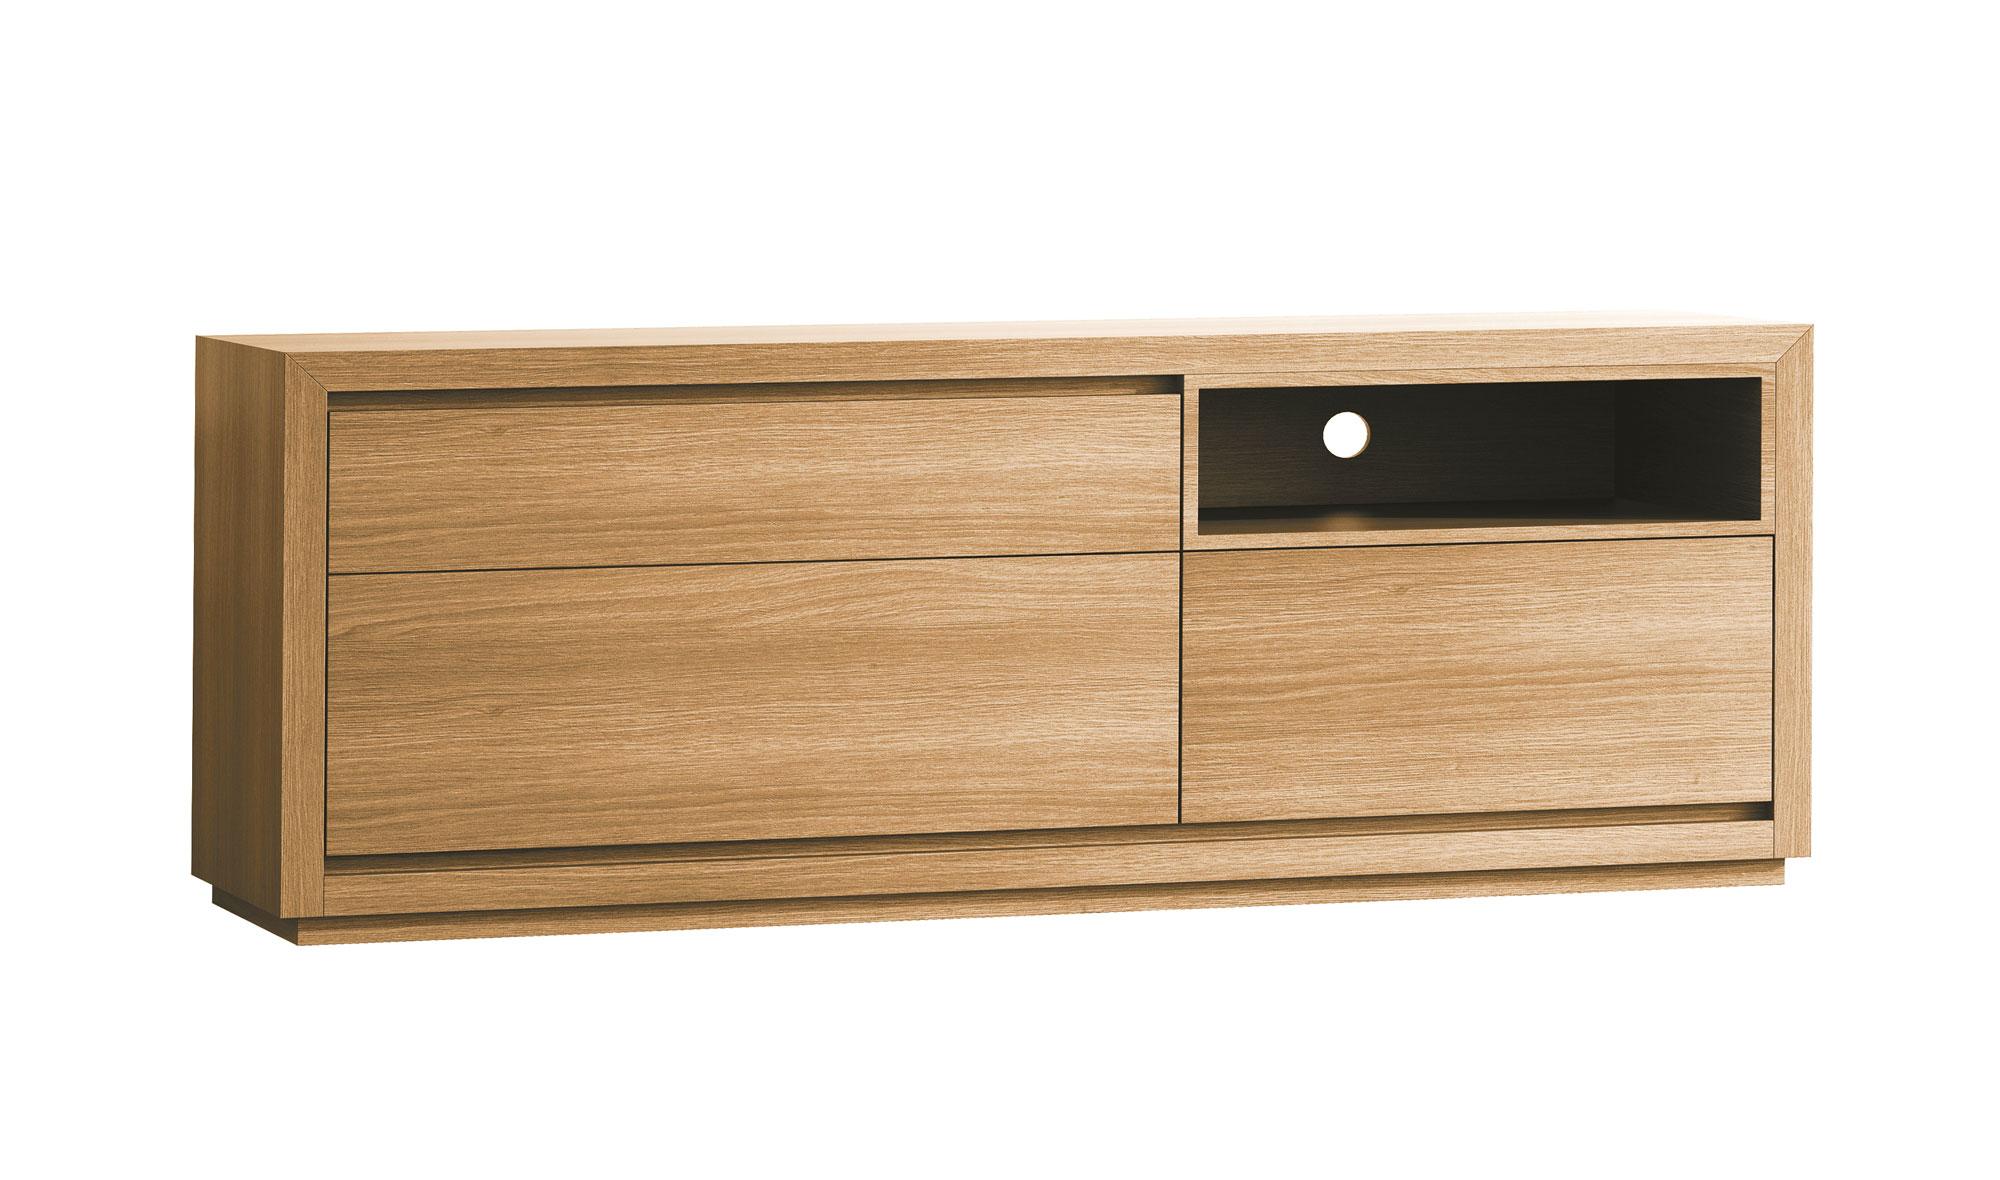 Mueble tv nordico kele en cosas de arquitectoscosas de - Mueble tv nordico ...